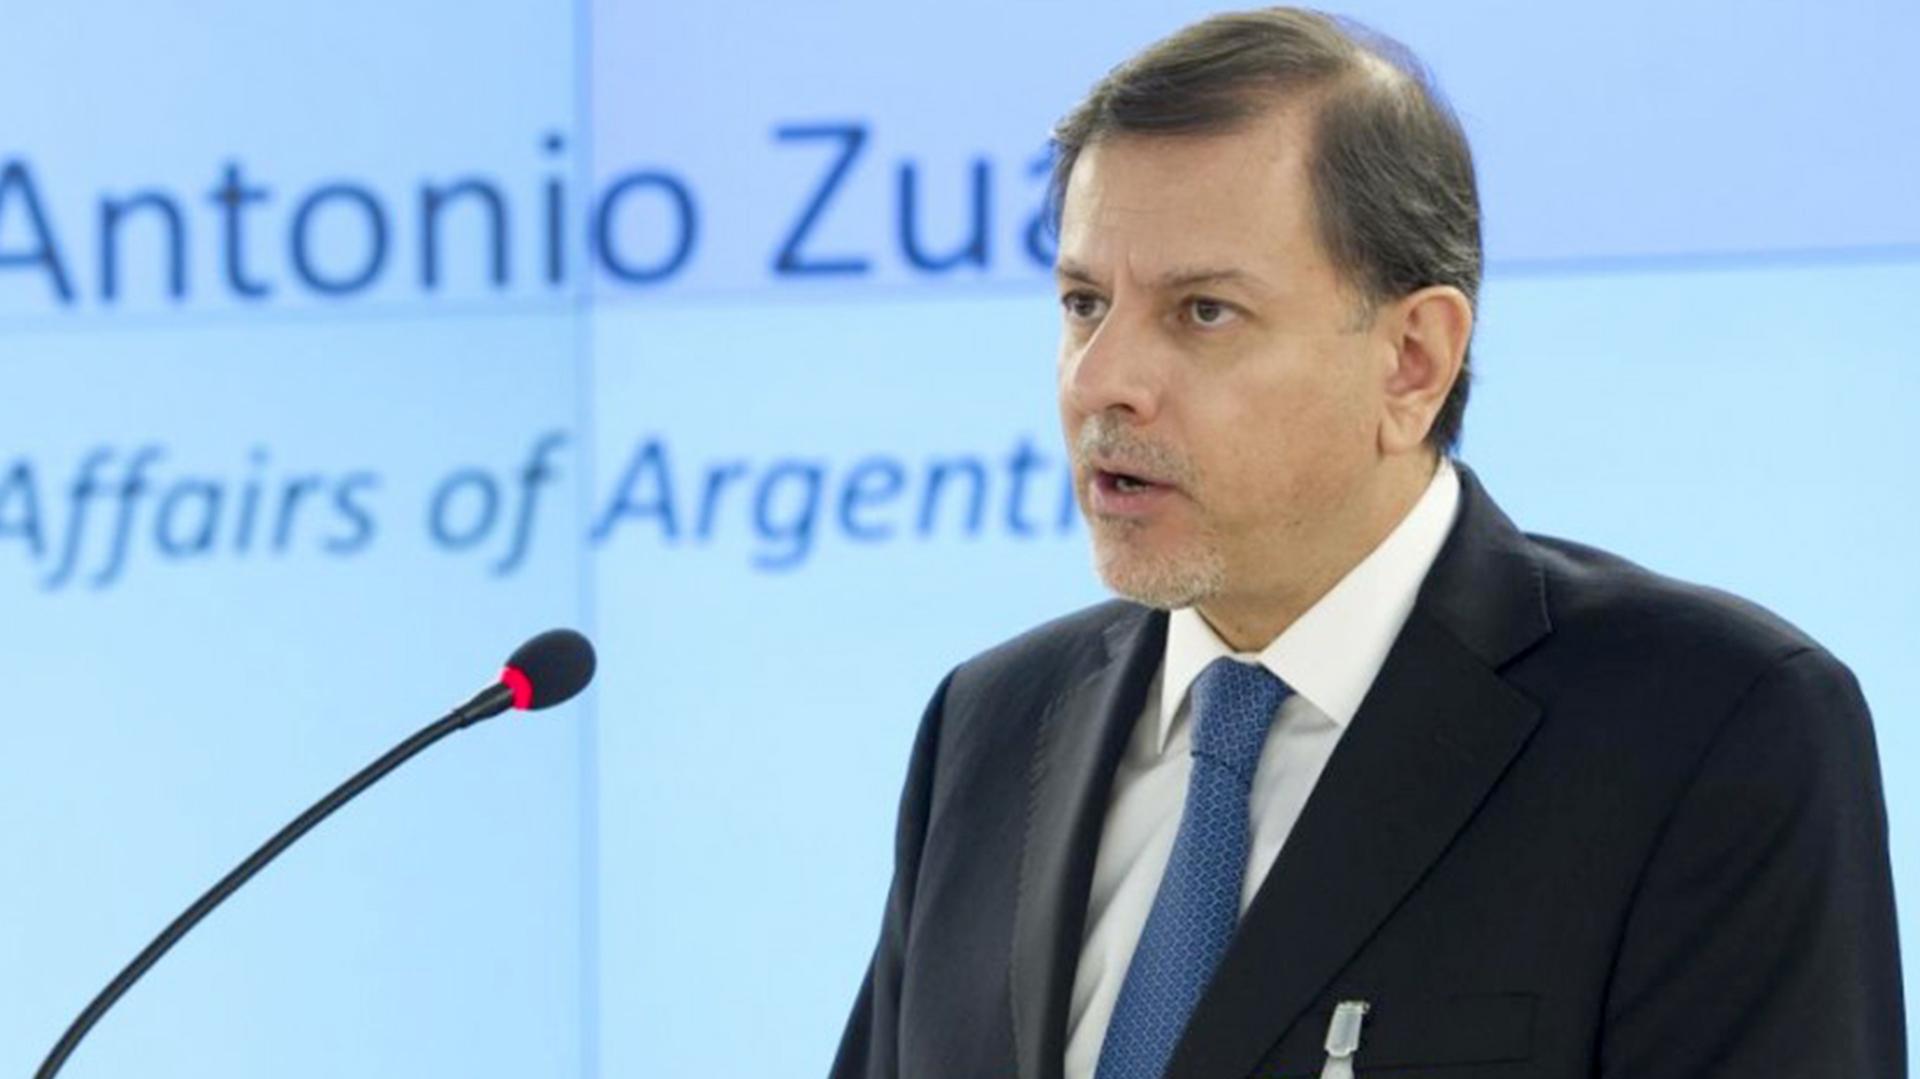 El Gobierno oficializó la designación de Eduardo Zuain como embajador en  Moscú - Infobae